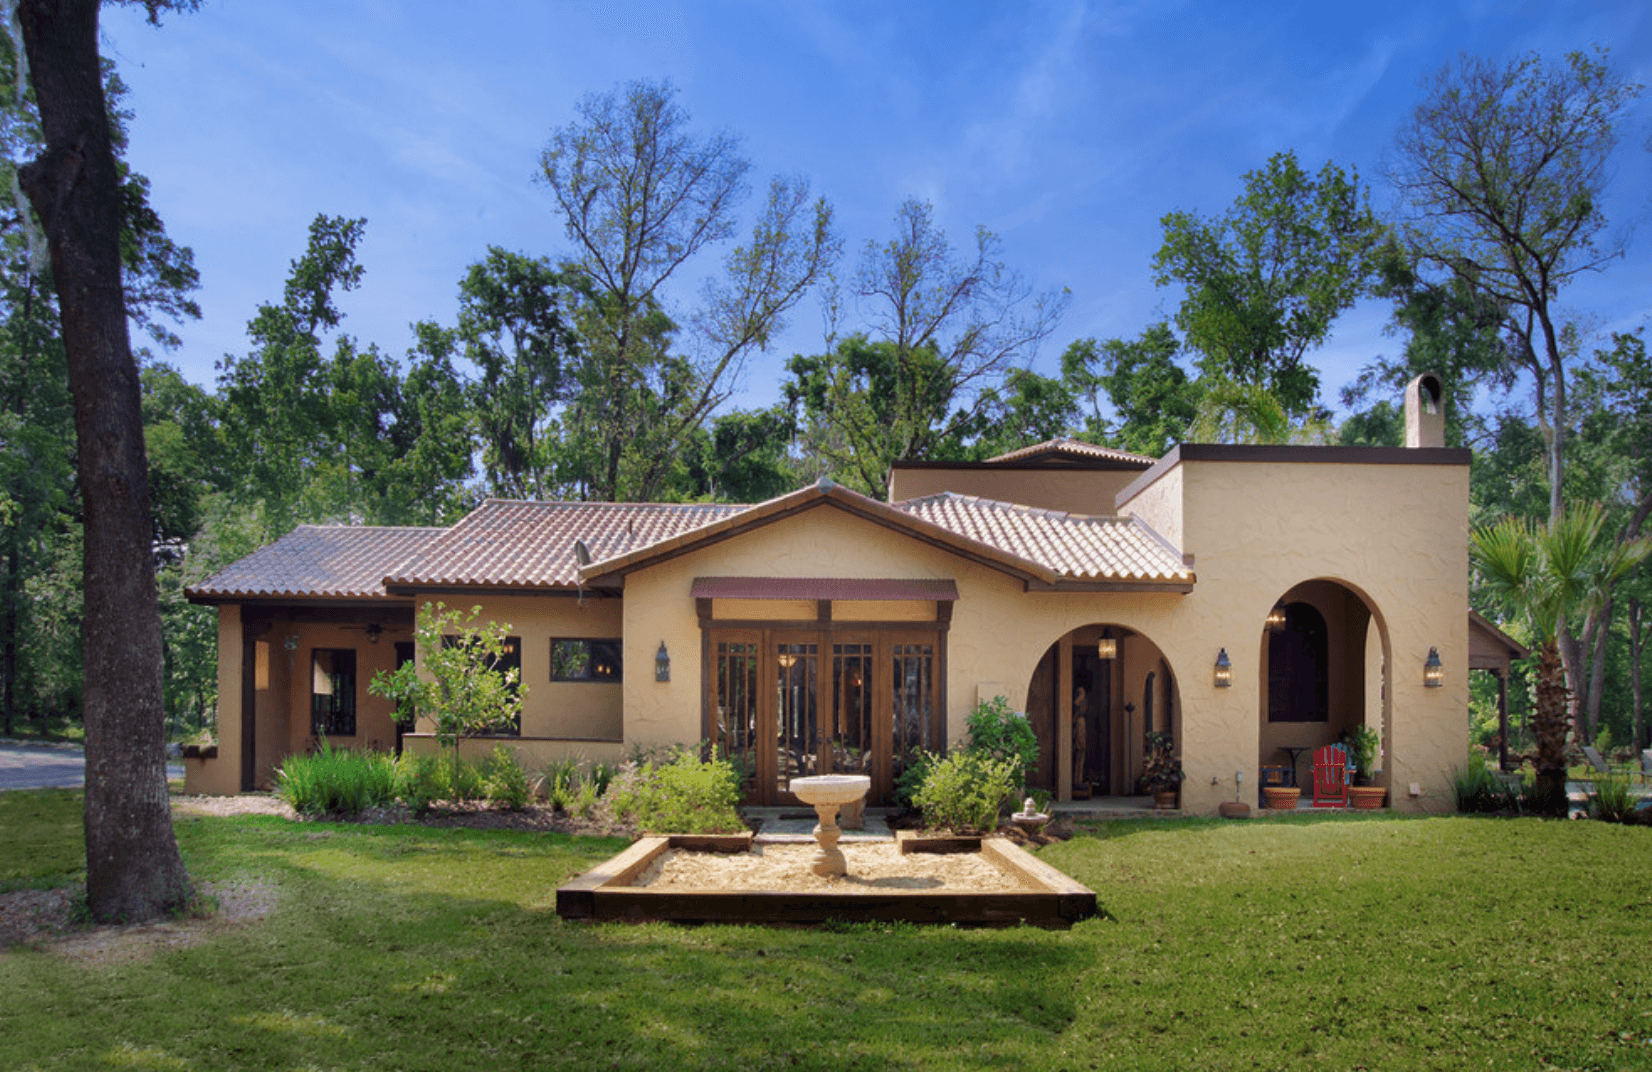 Casa de campo como projetar arquidicas for Modelos de casas de campo modernas